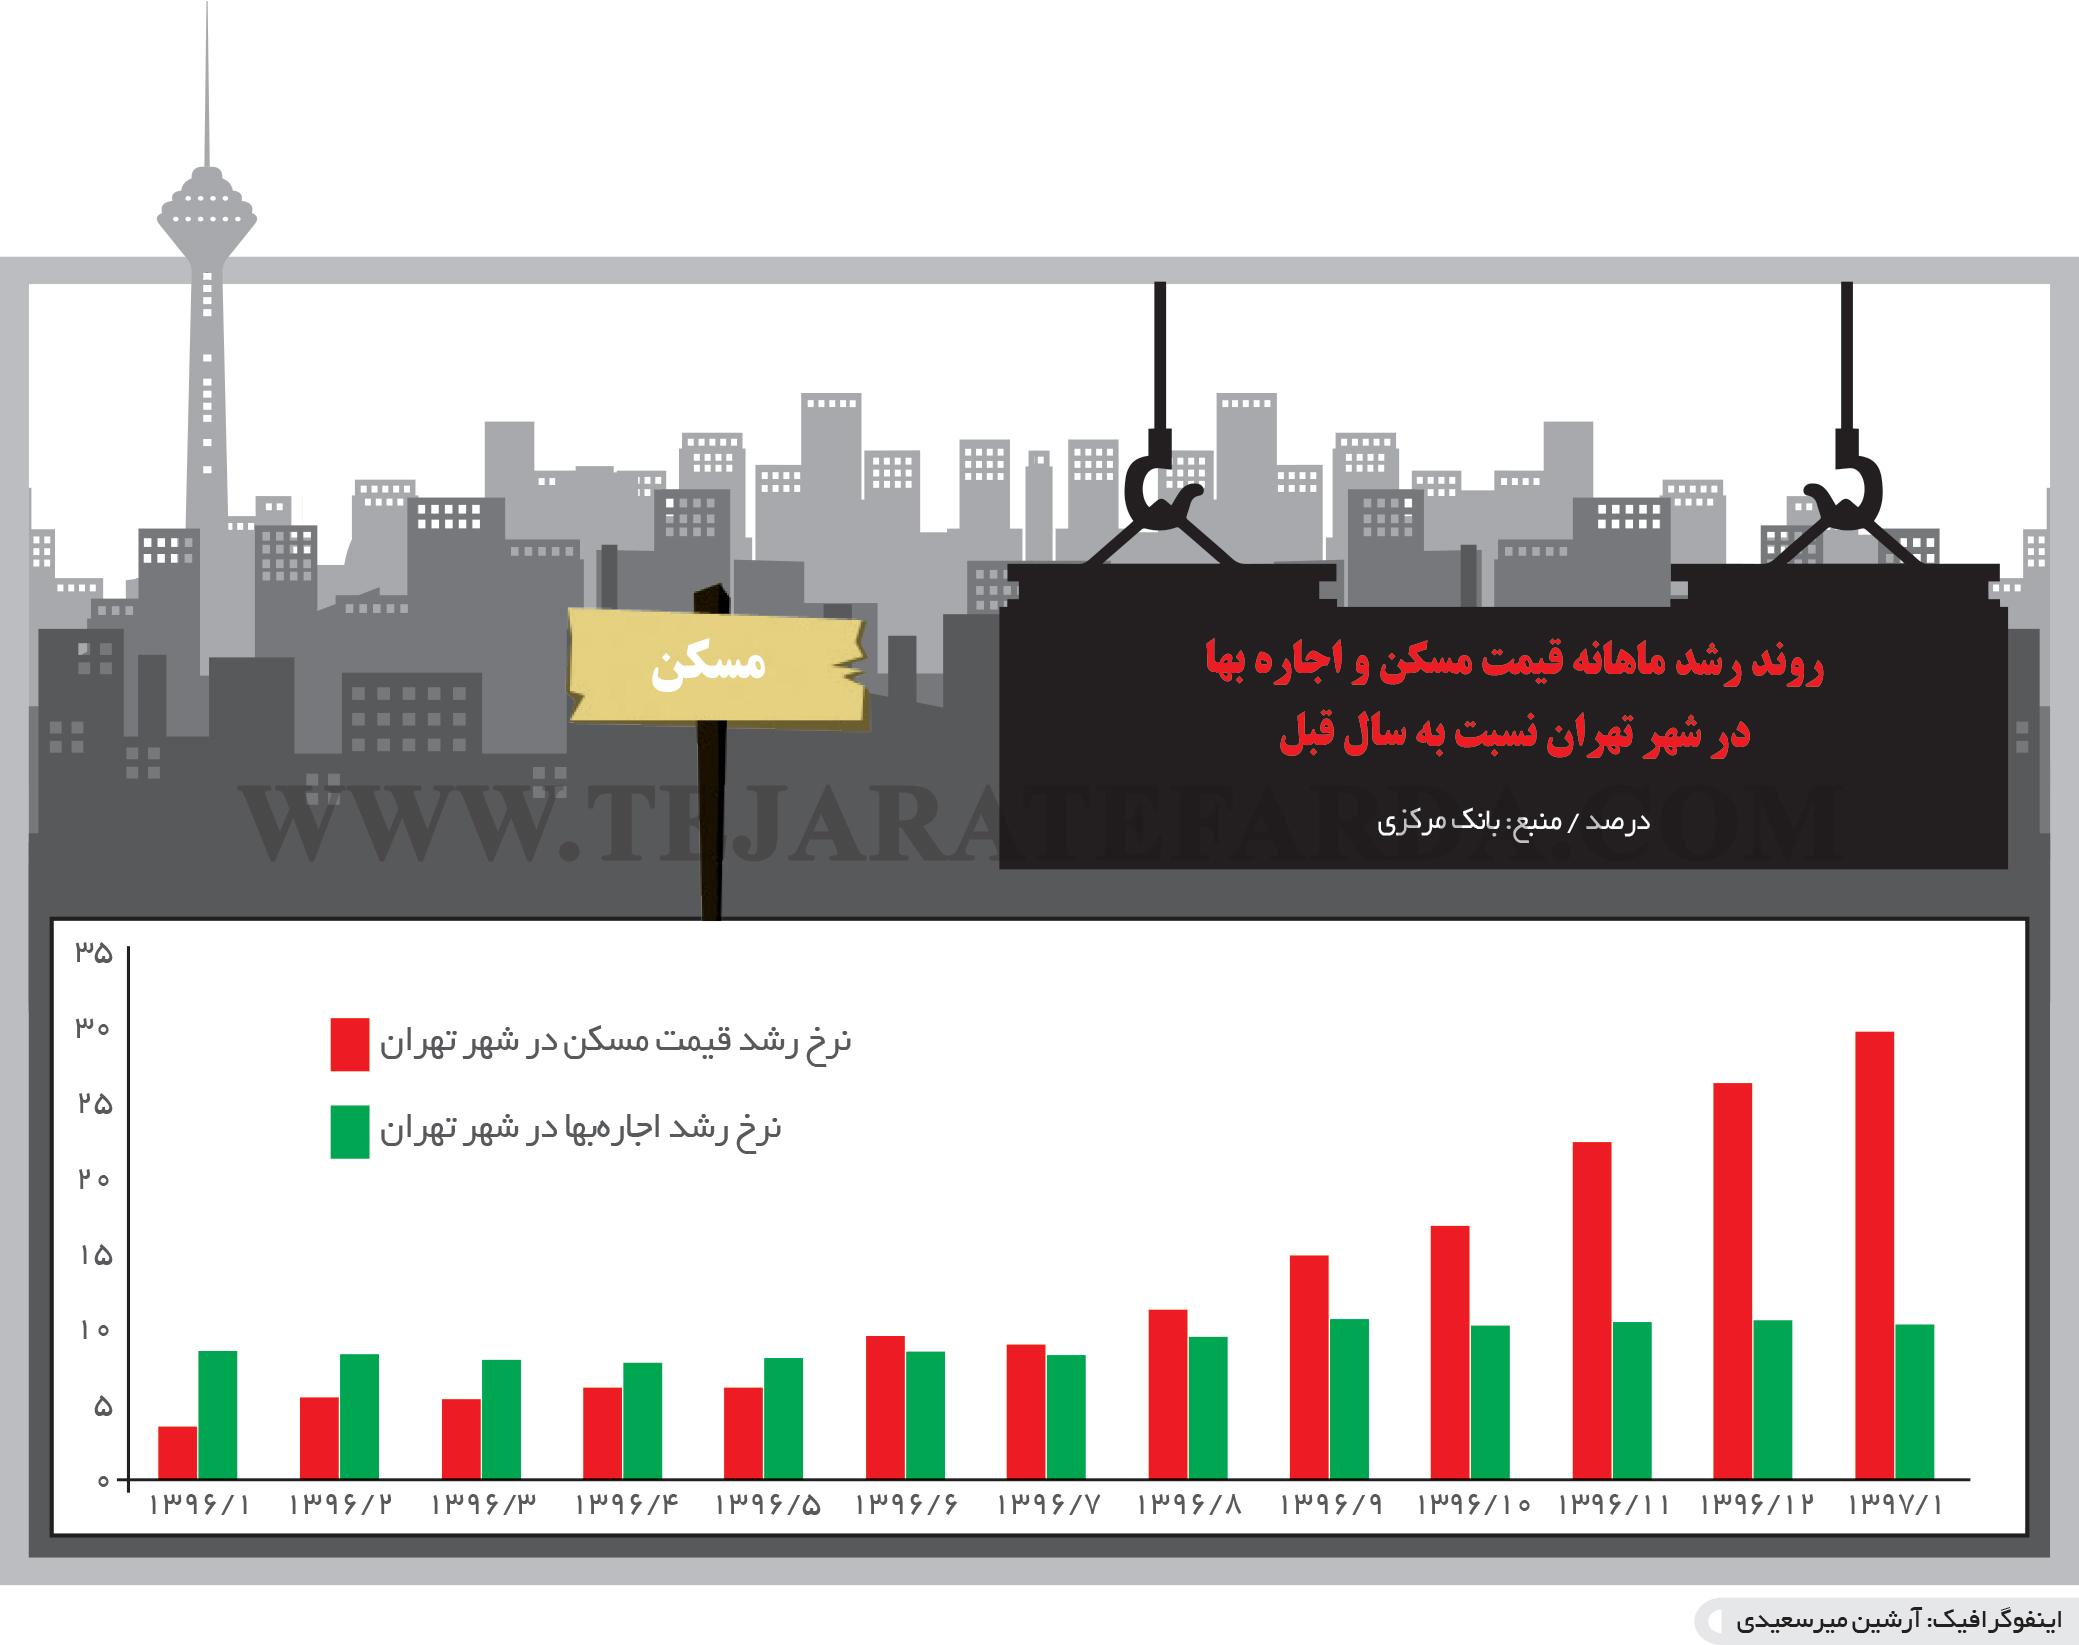 تجارت فردا-  اینفوگرافیک- روند رشد ماهانه قیمت مسکن و اجاره بها  در شهر تهران نسبت به سال قبل